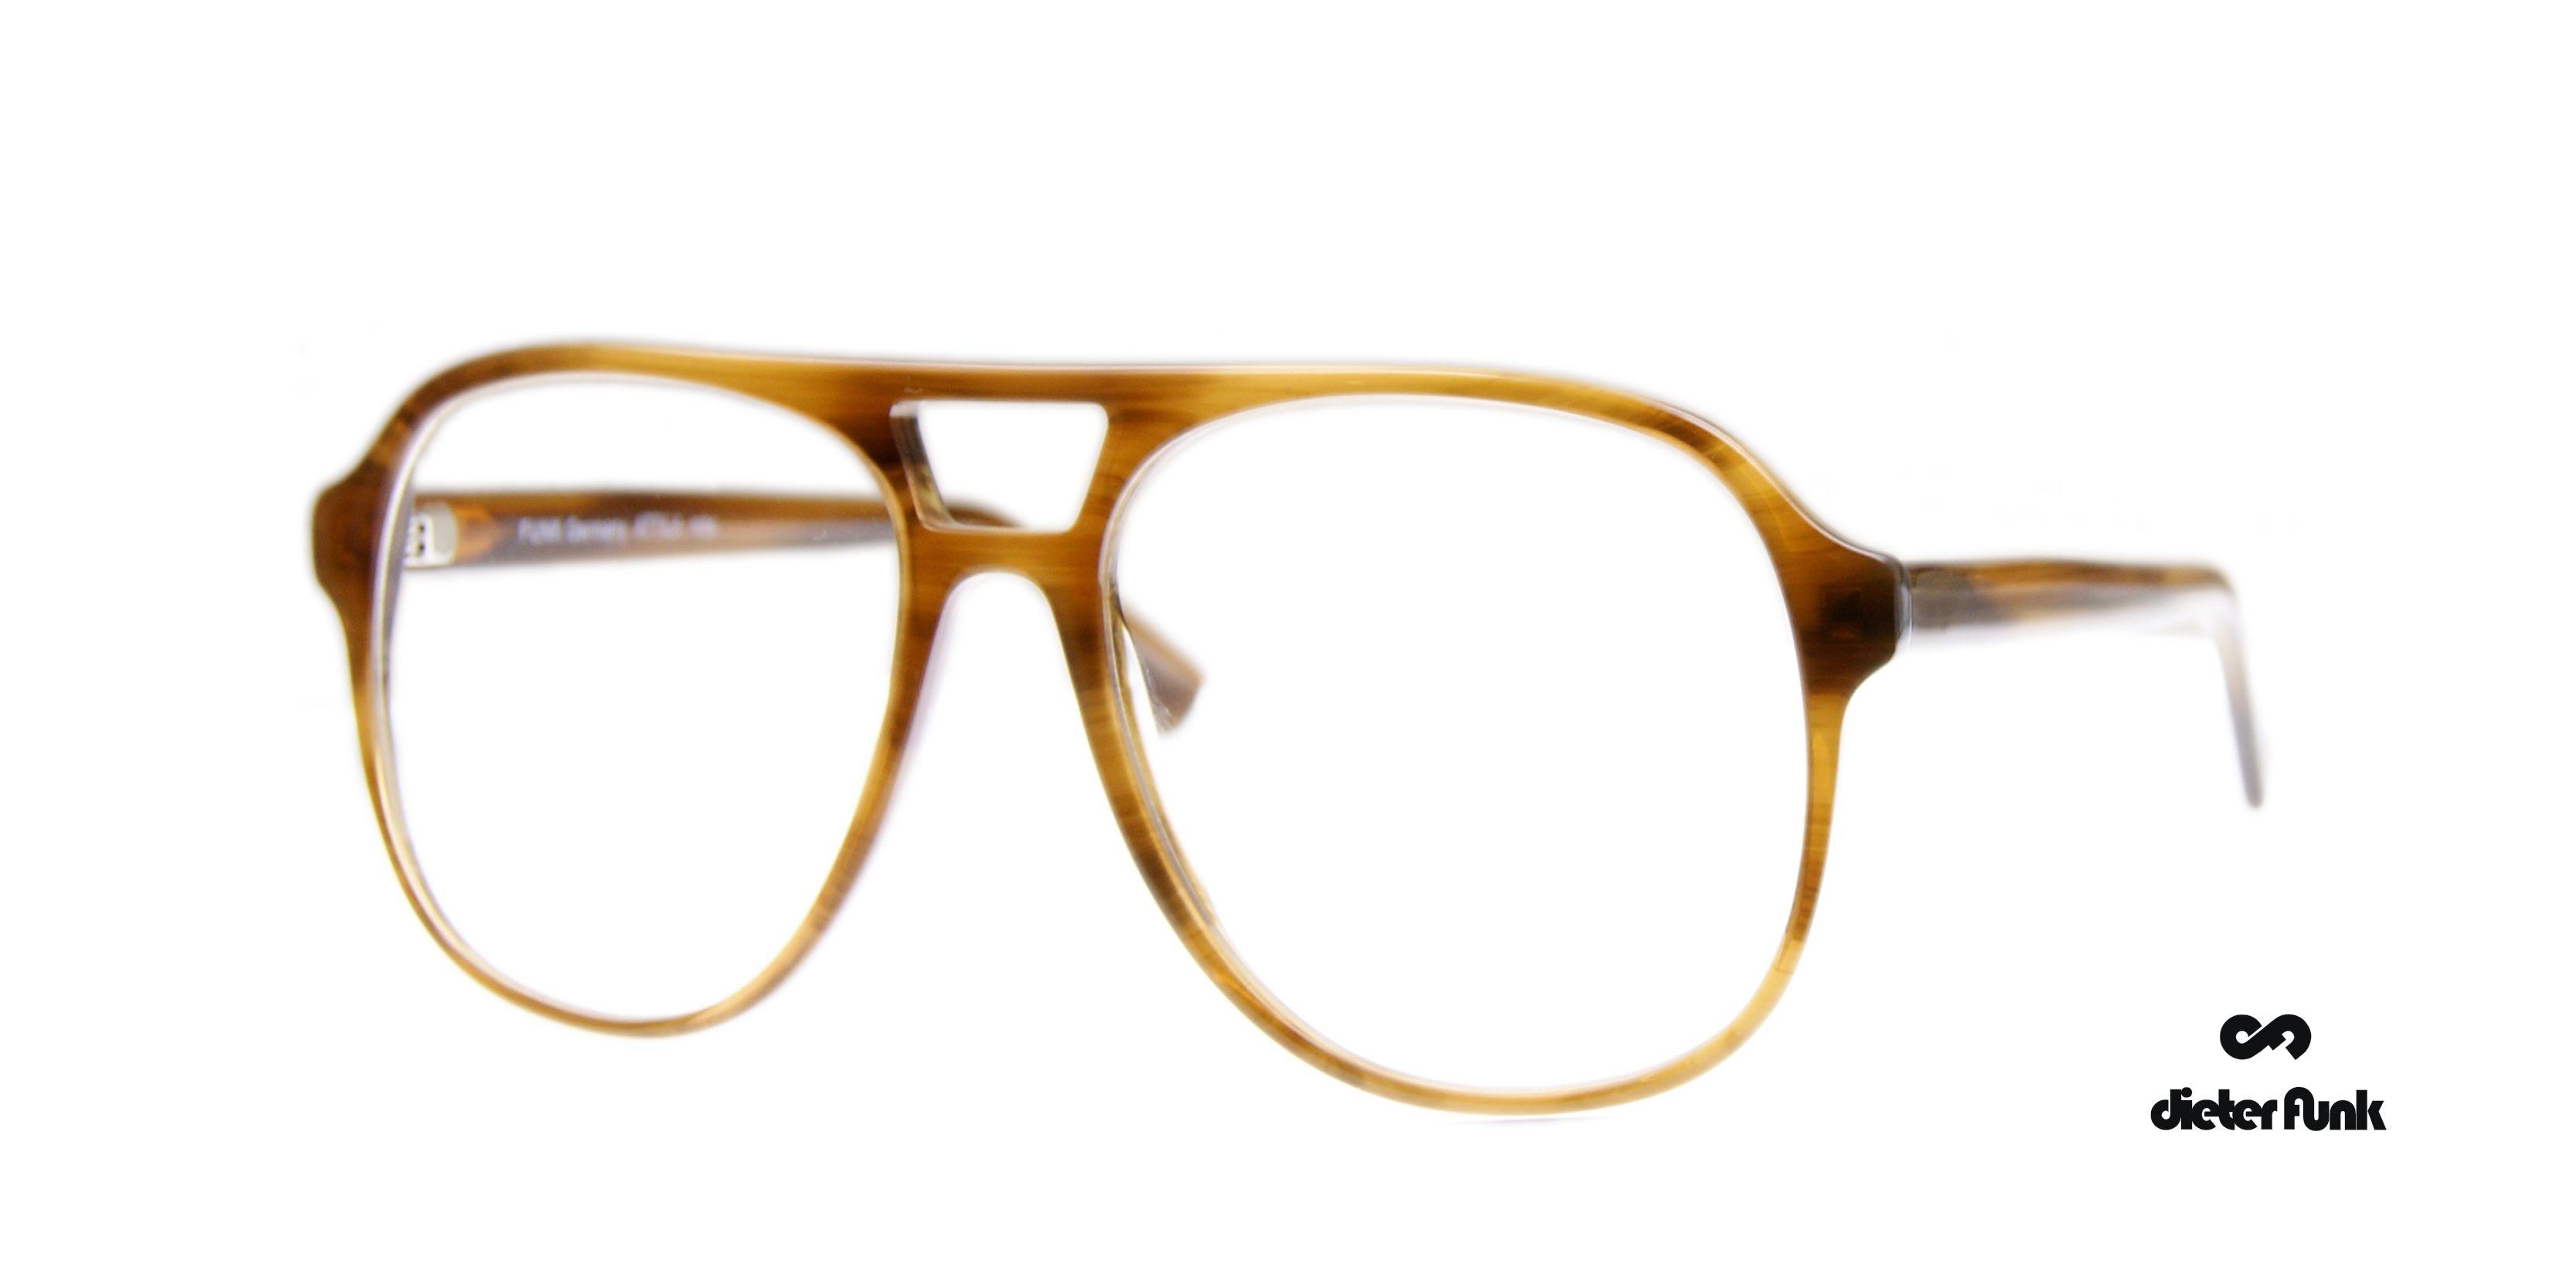 Dieter Funk Attila Www Funk De Eyewear Glasses Cat Eye Glass